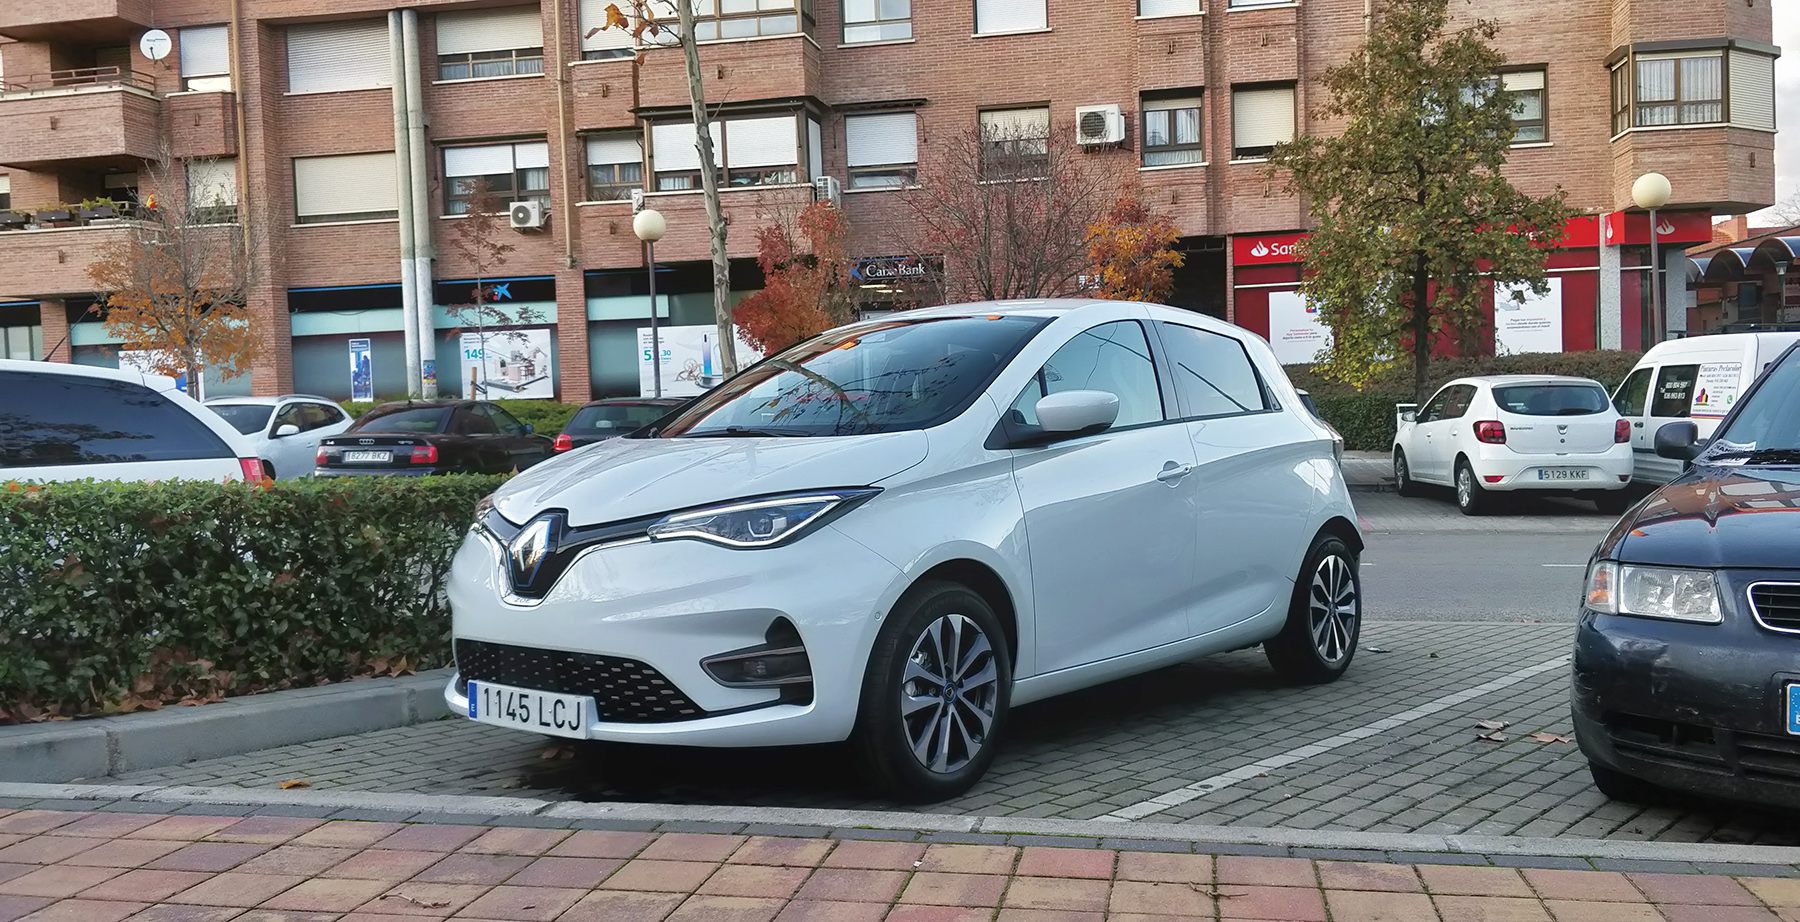 Prueba Renault Zoe Z E 50 R135 Una Brillante Evolucion Para Seguir Siendo Lider Forococheselectricos